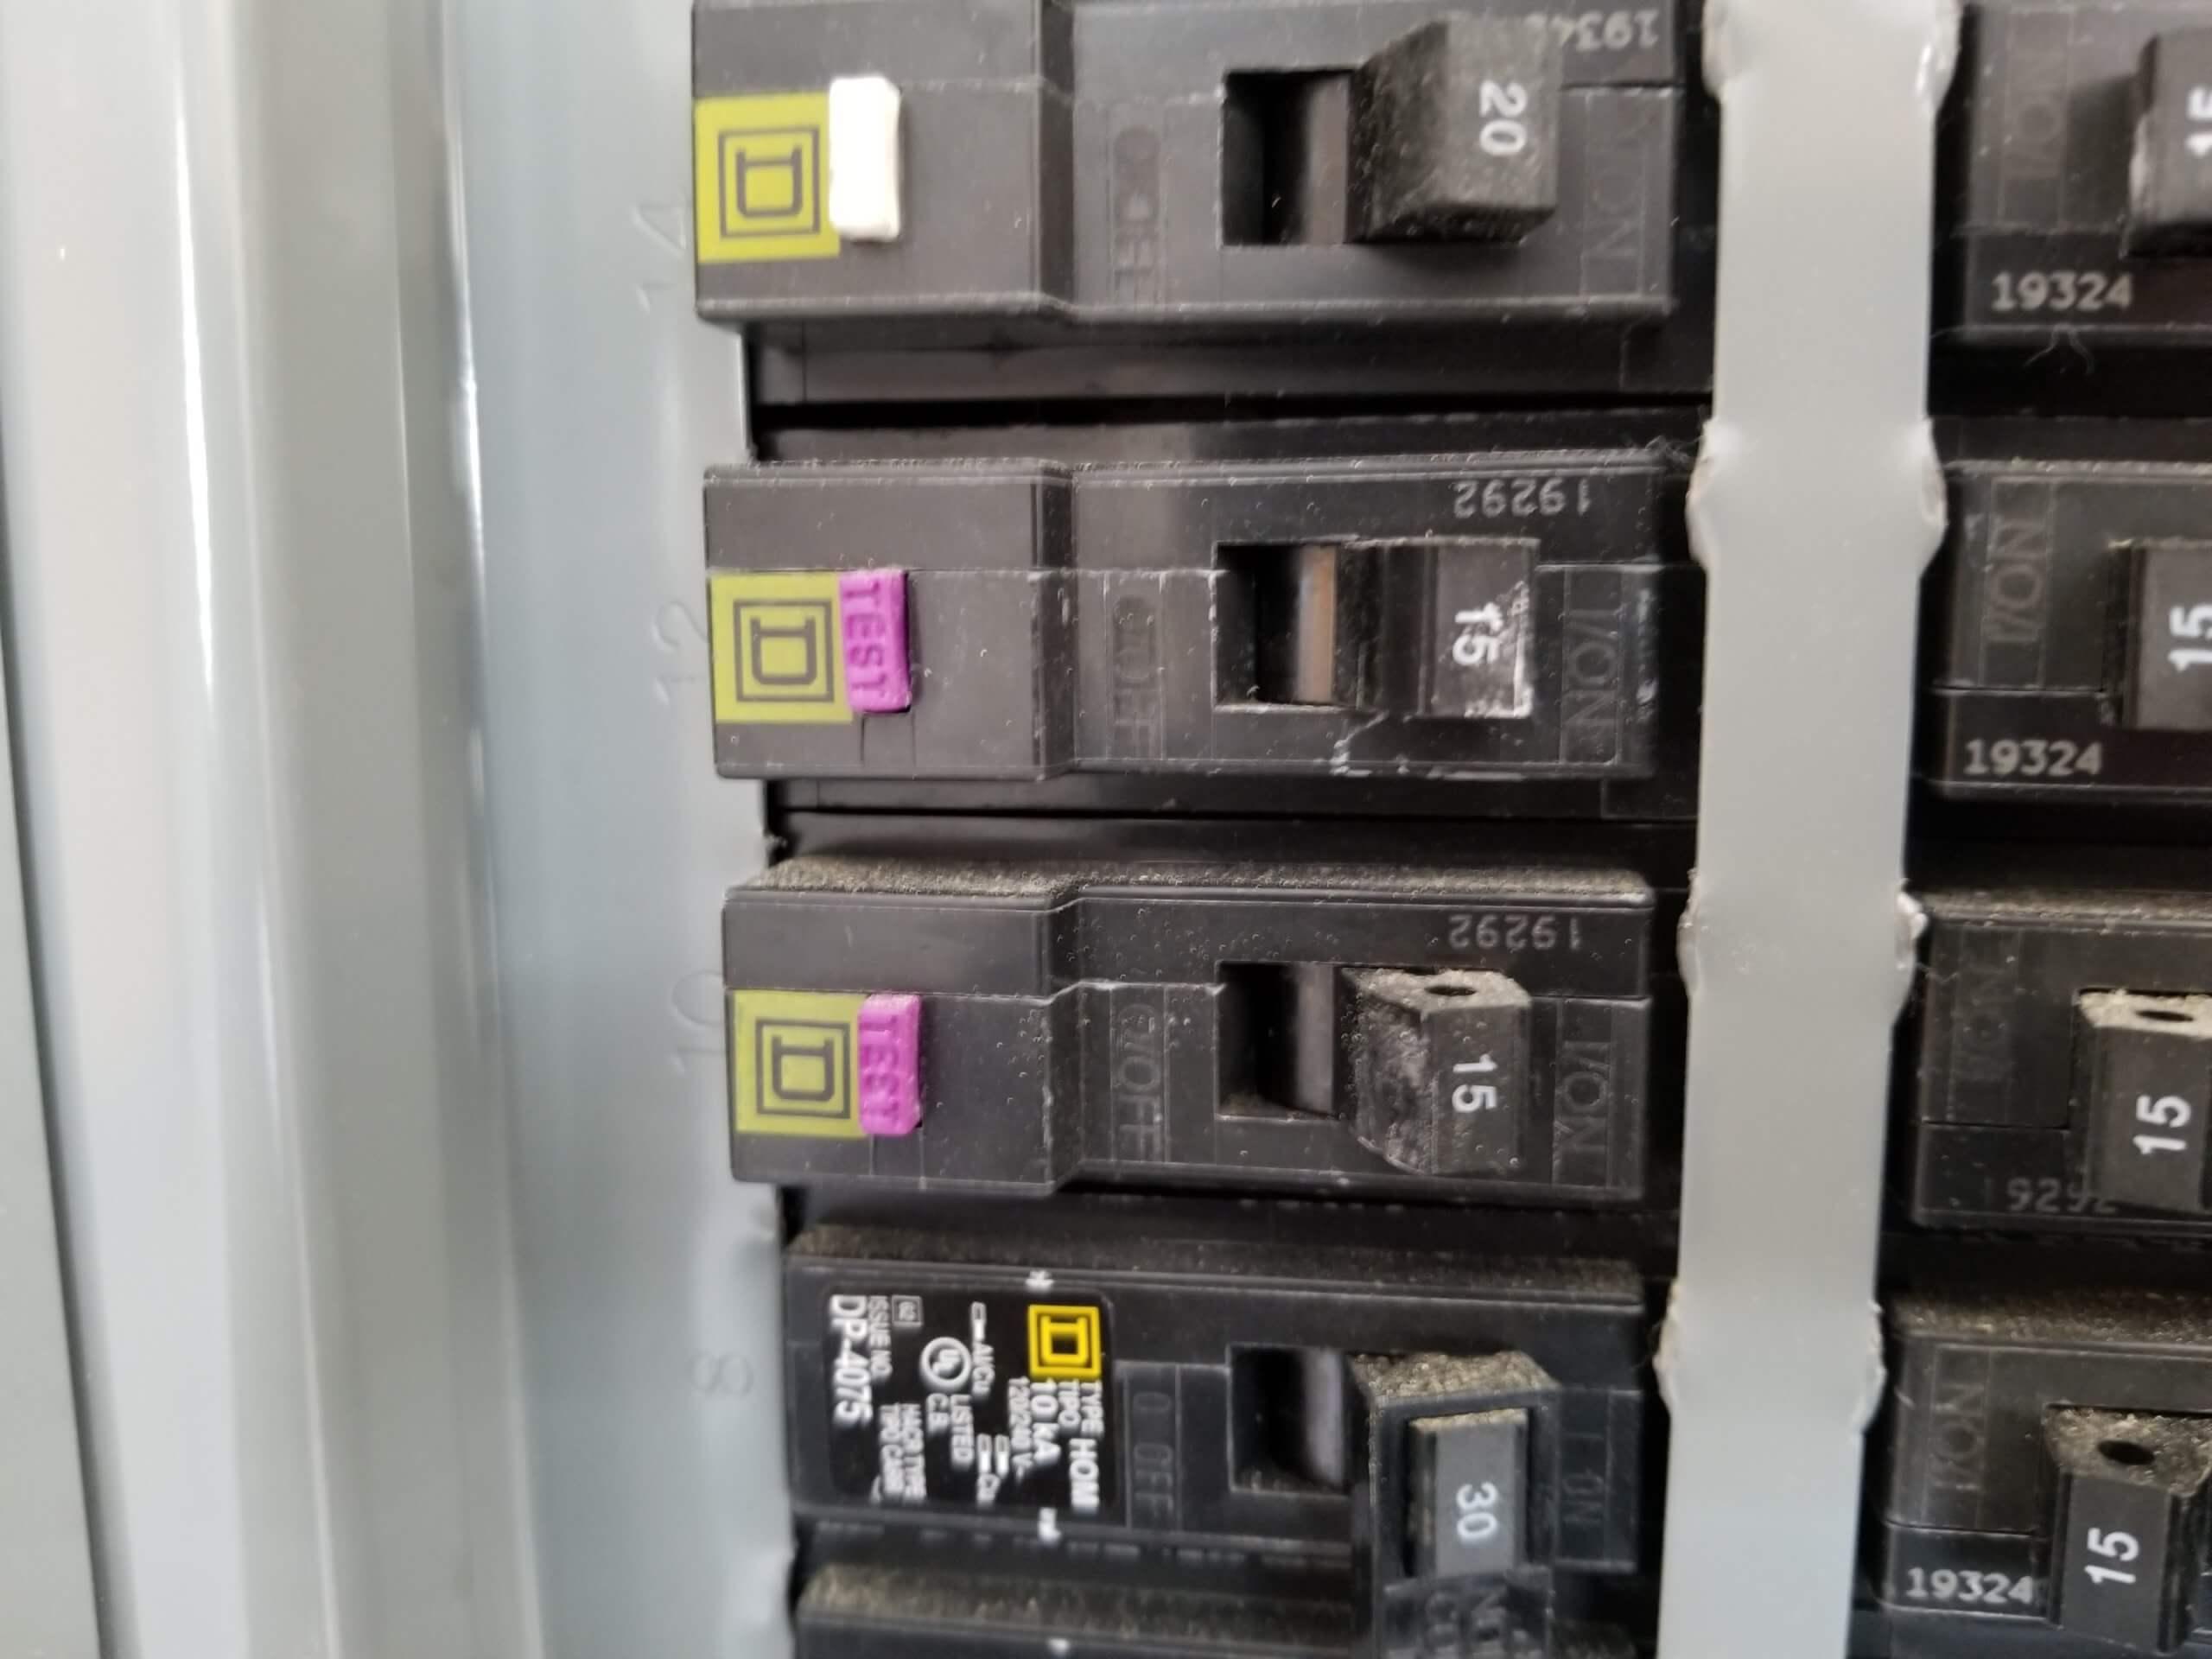 Electrical Breakers